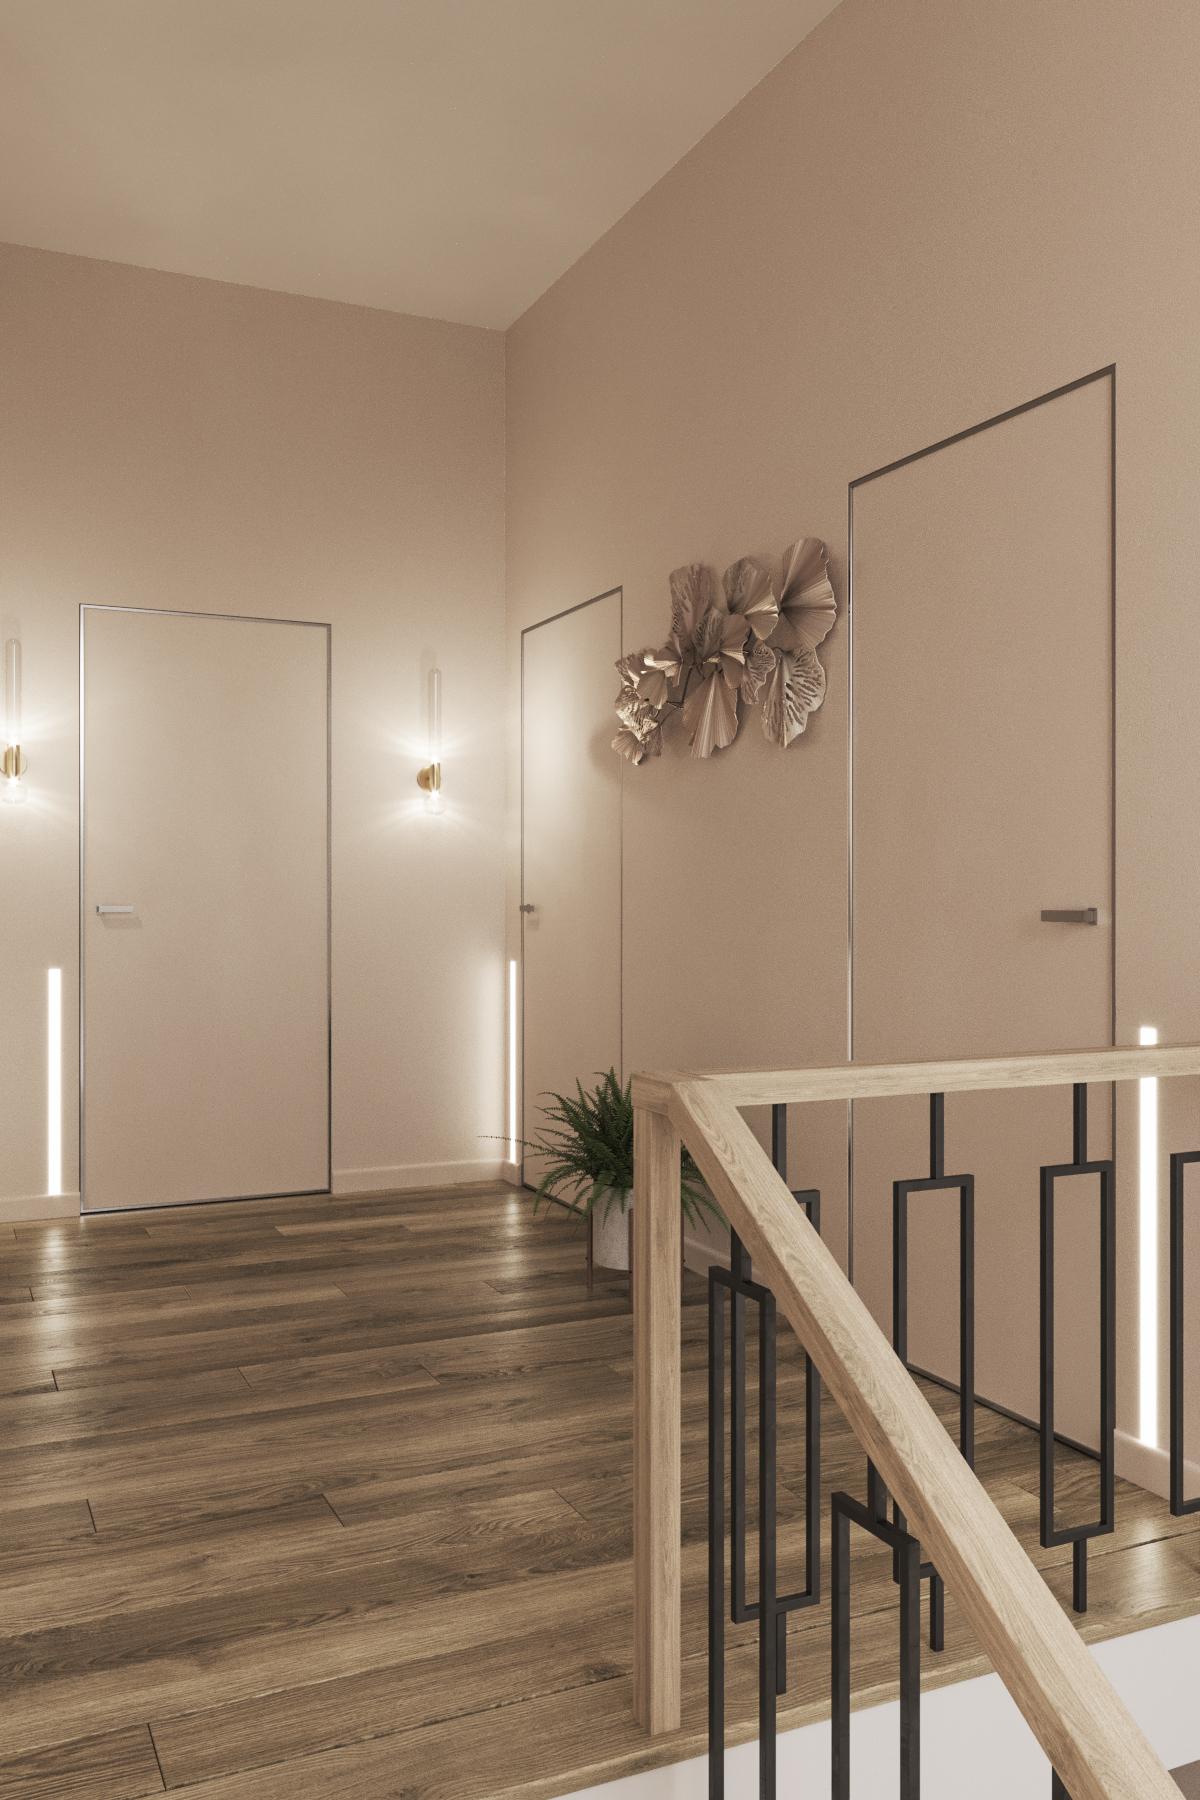 vladimirskaya_obl_stairs_2_floor_21.06.2020_02